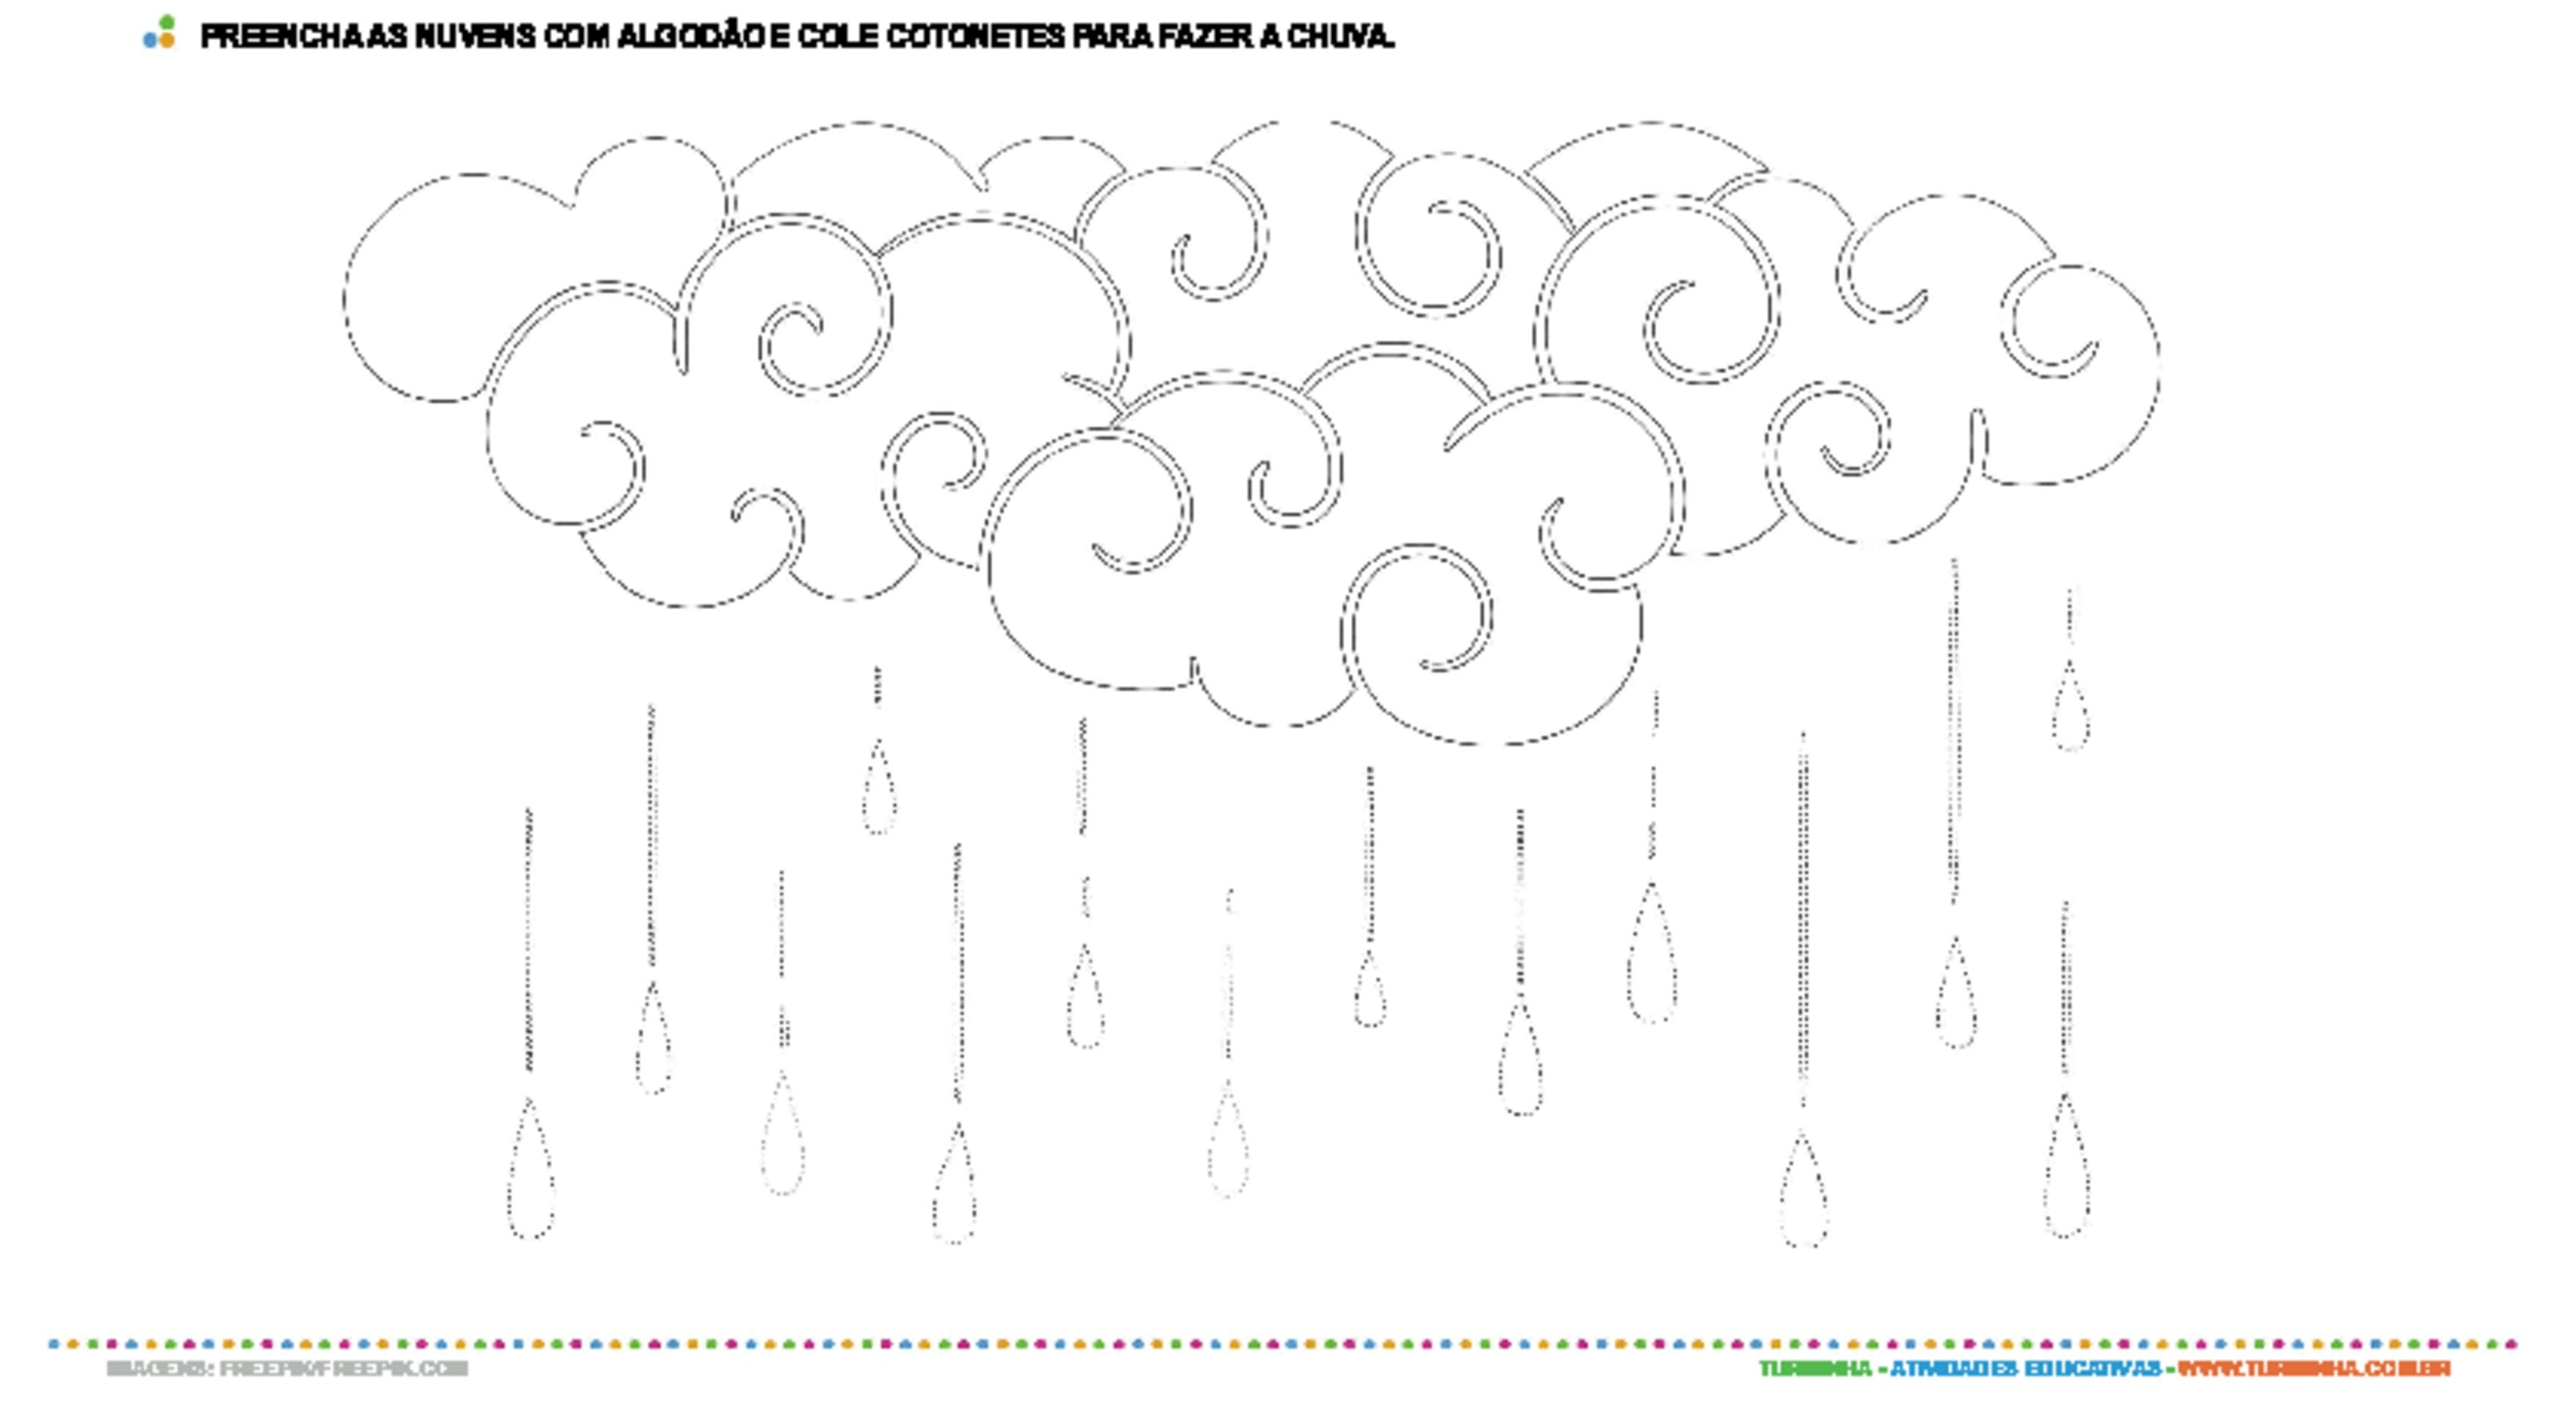 Colagem Com Algodao E Cotonetes Nuvem Atividade Educativa Para